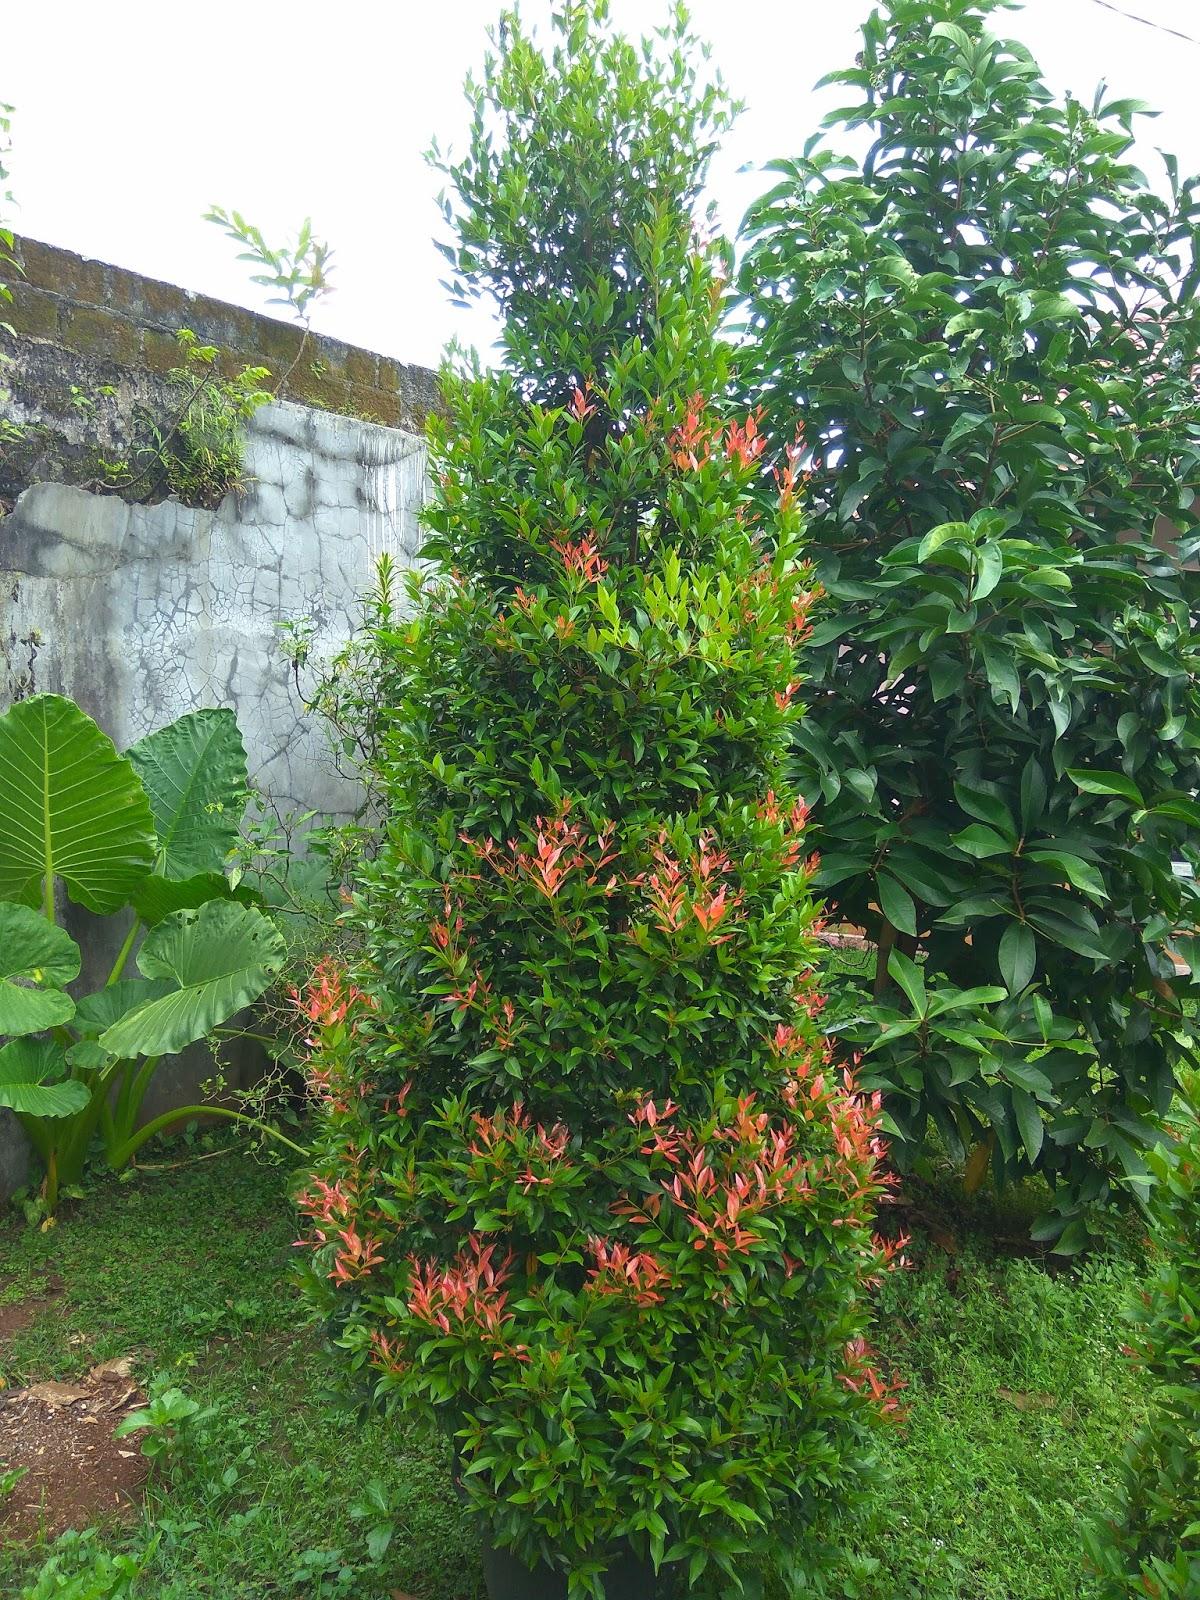 SAUNG FLORA: Jual pohon pucuk merah